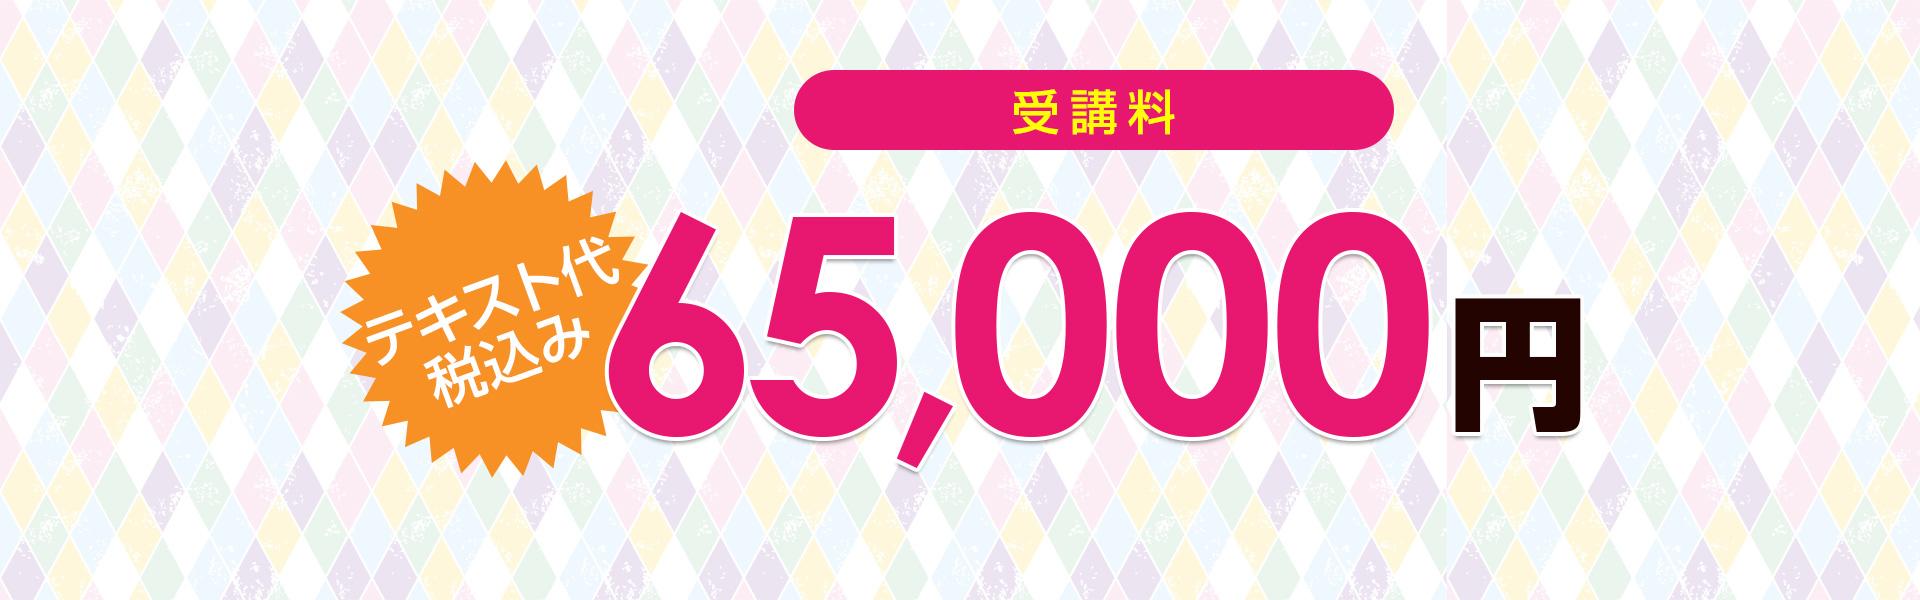 受講料 テキスト・税込 65,000円